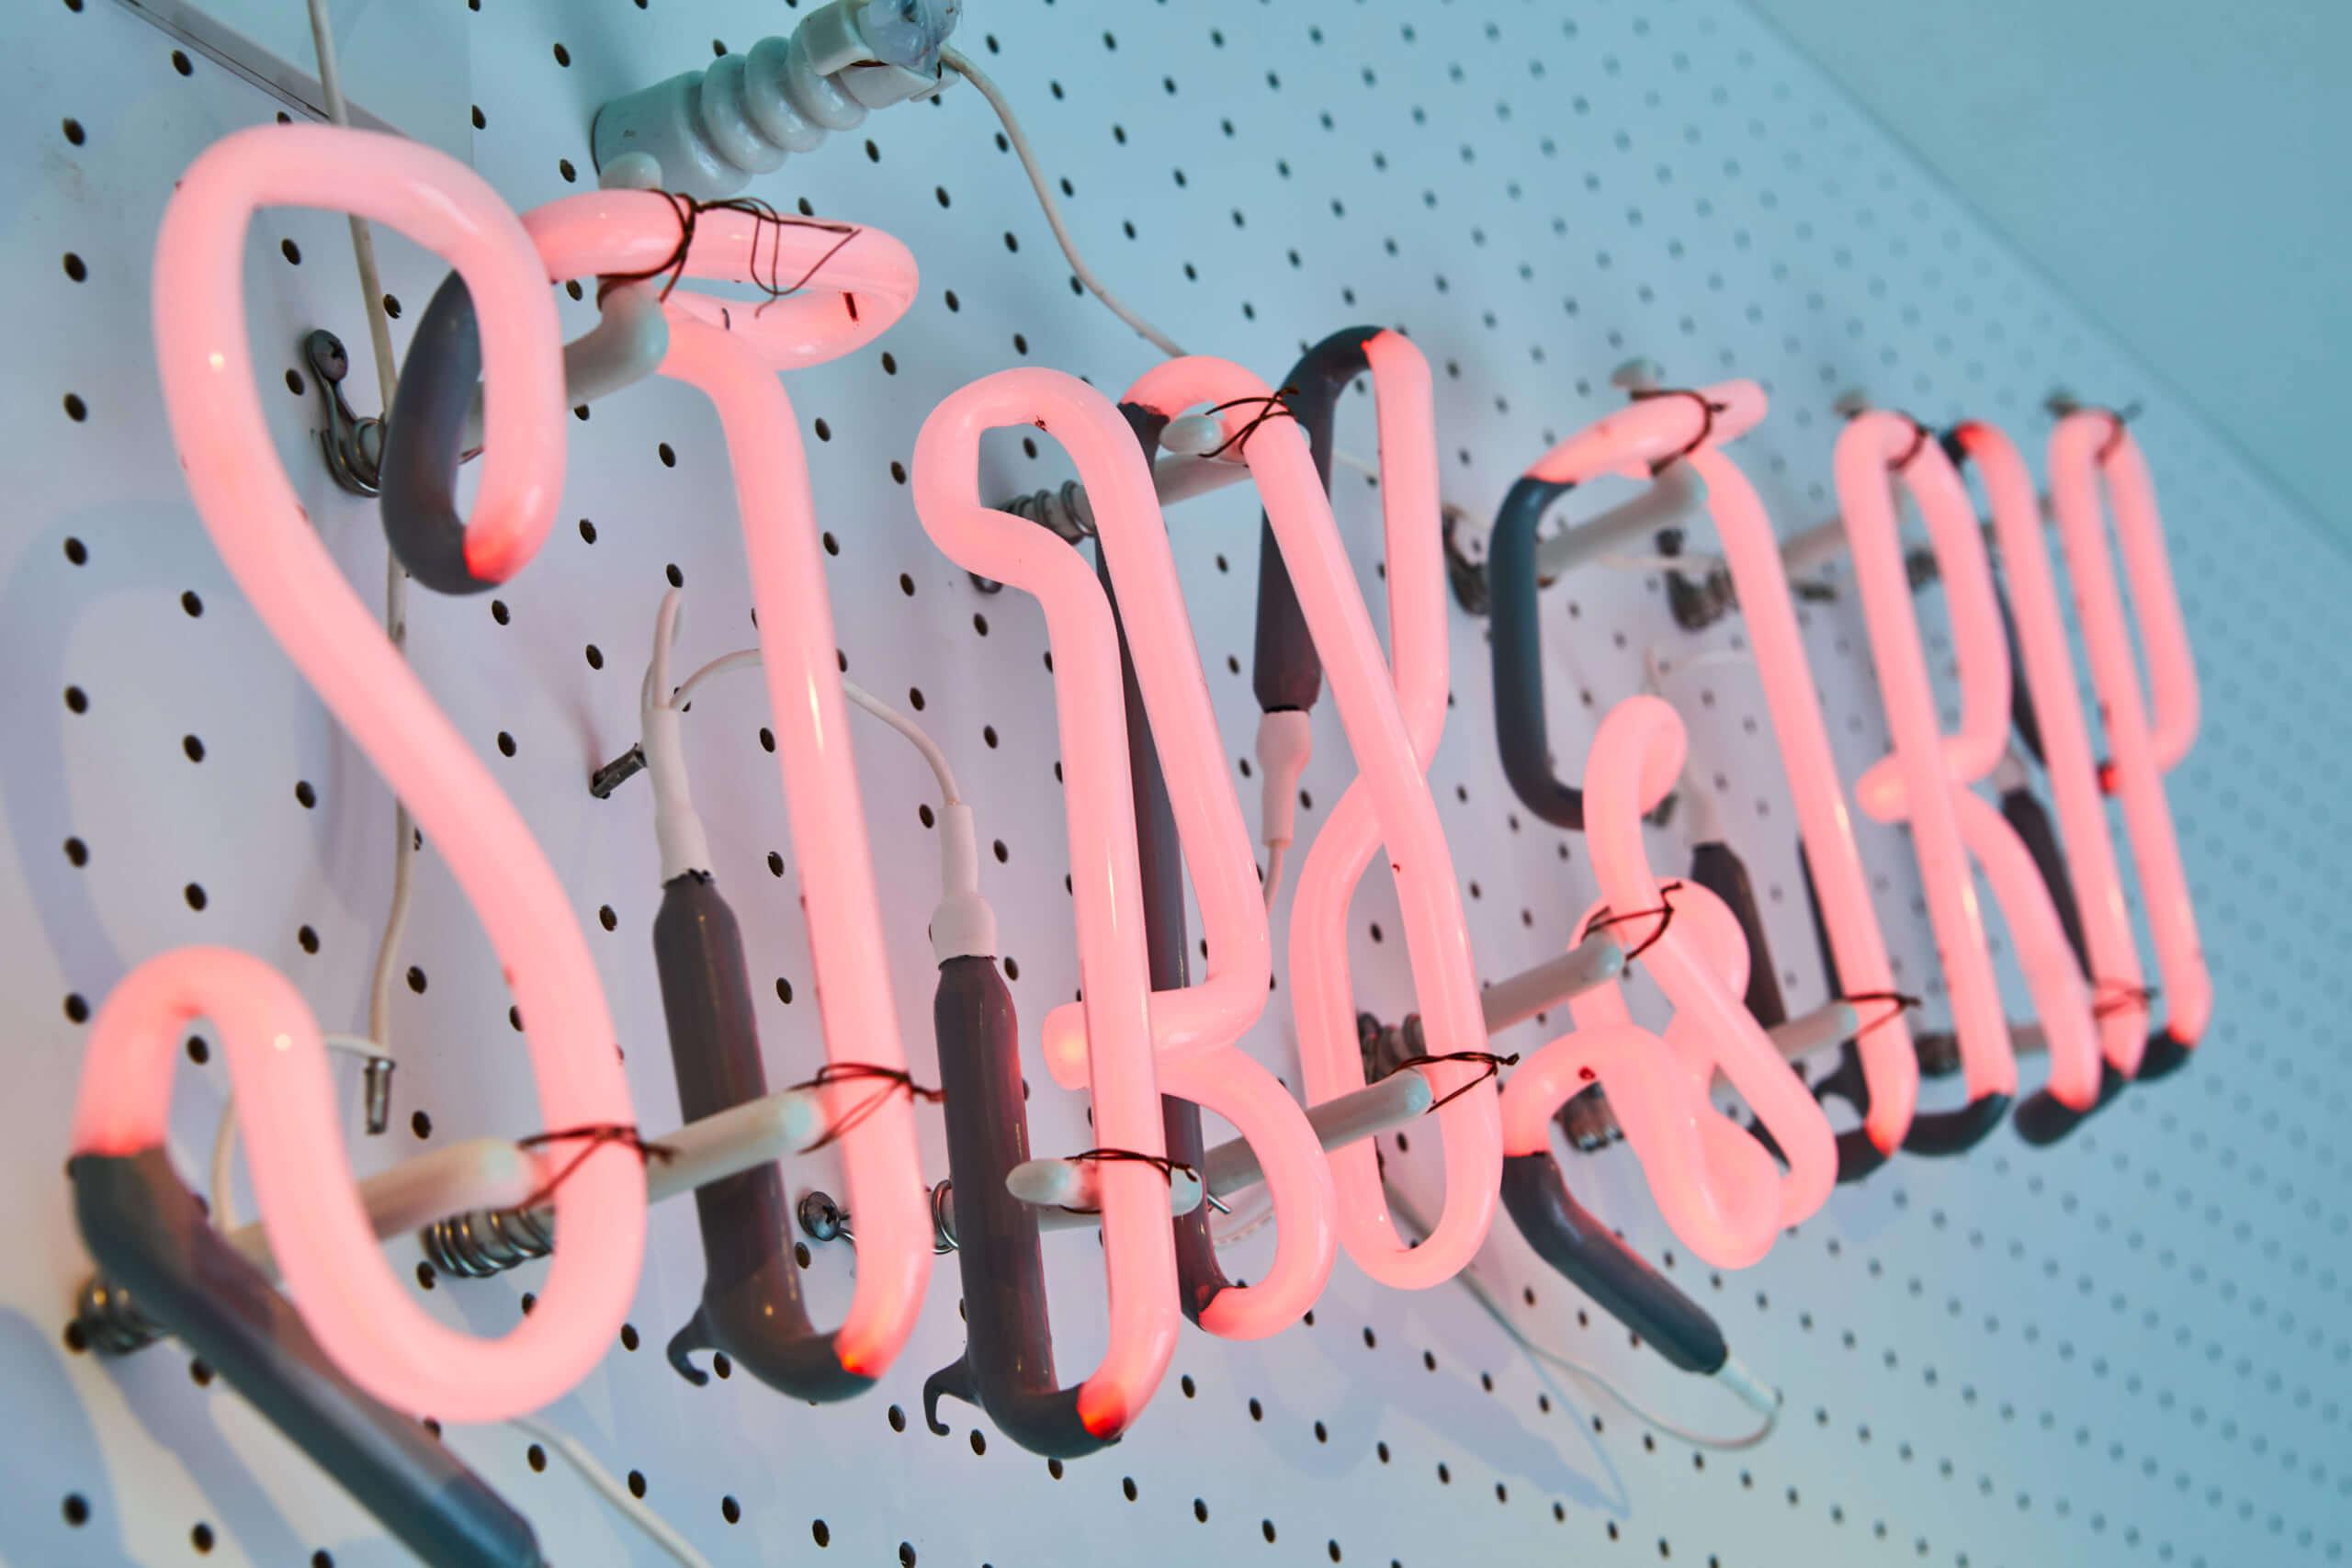 The Holiday LOUNGE(ザ ホリデイ ラウンジ)の店内のネオンサイン